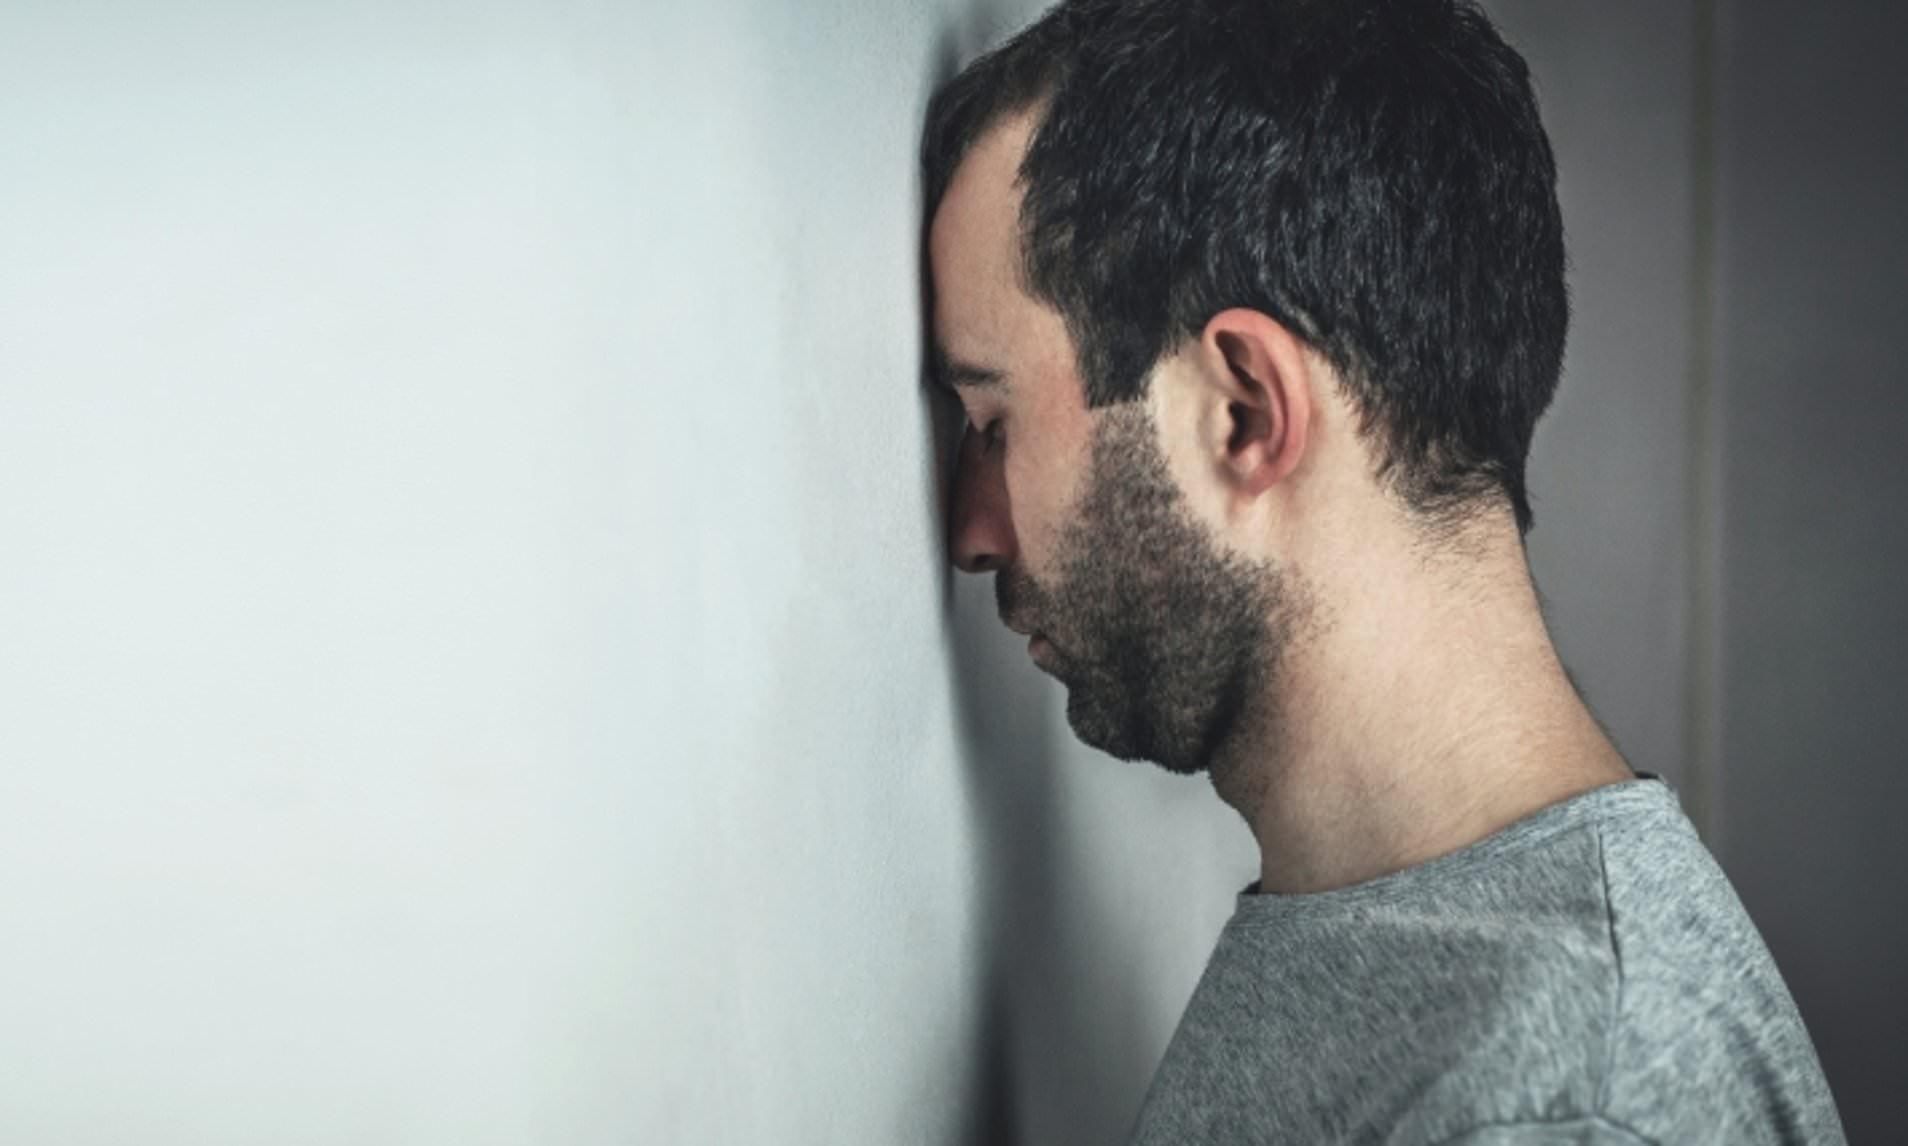 Trei ieseni au incercat sa se sinucida de dorul iubitelor ramase în Italia